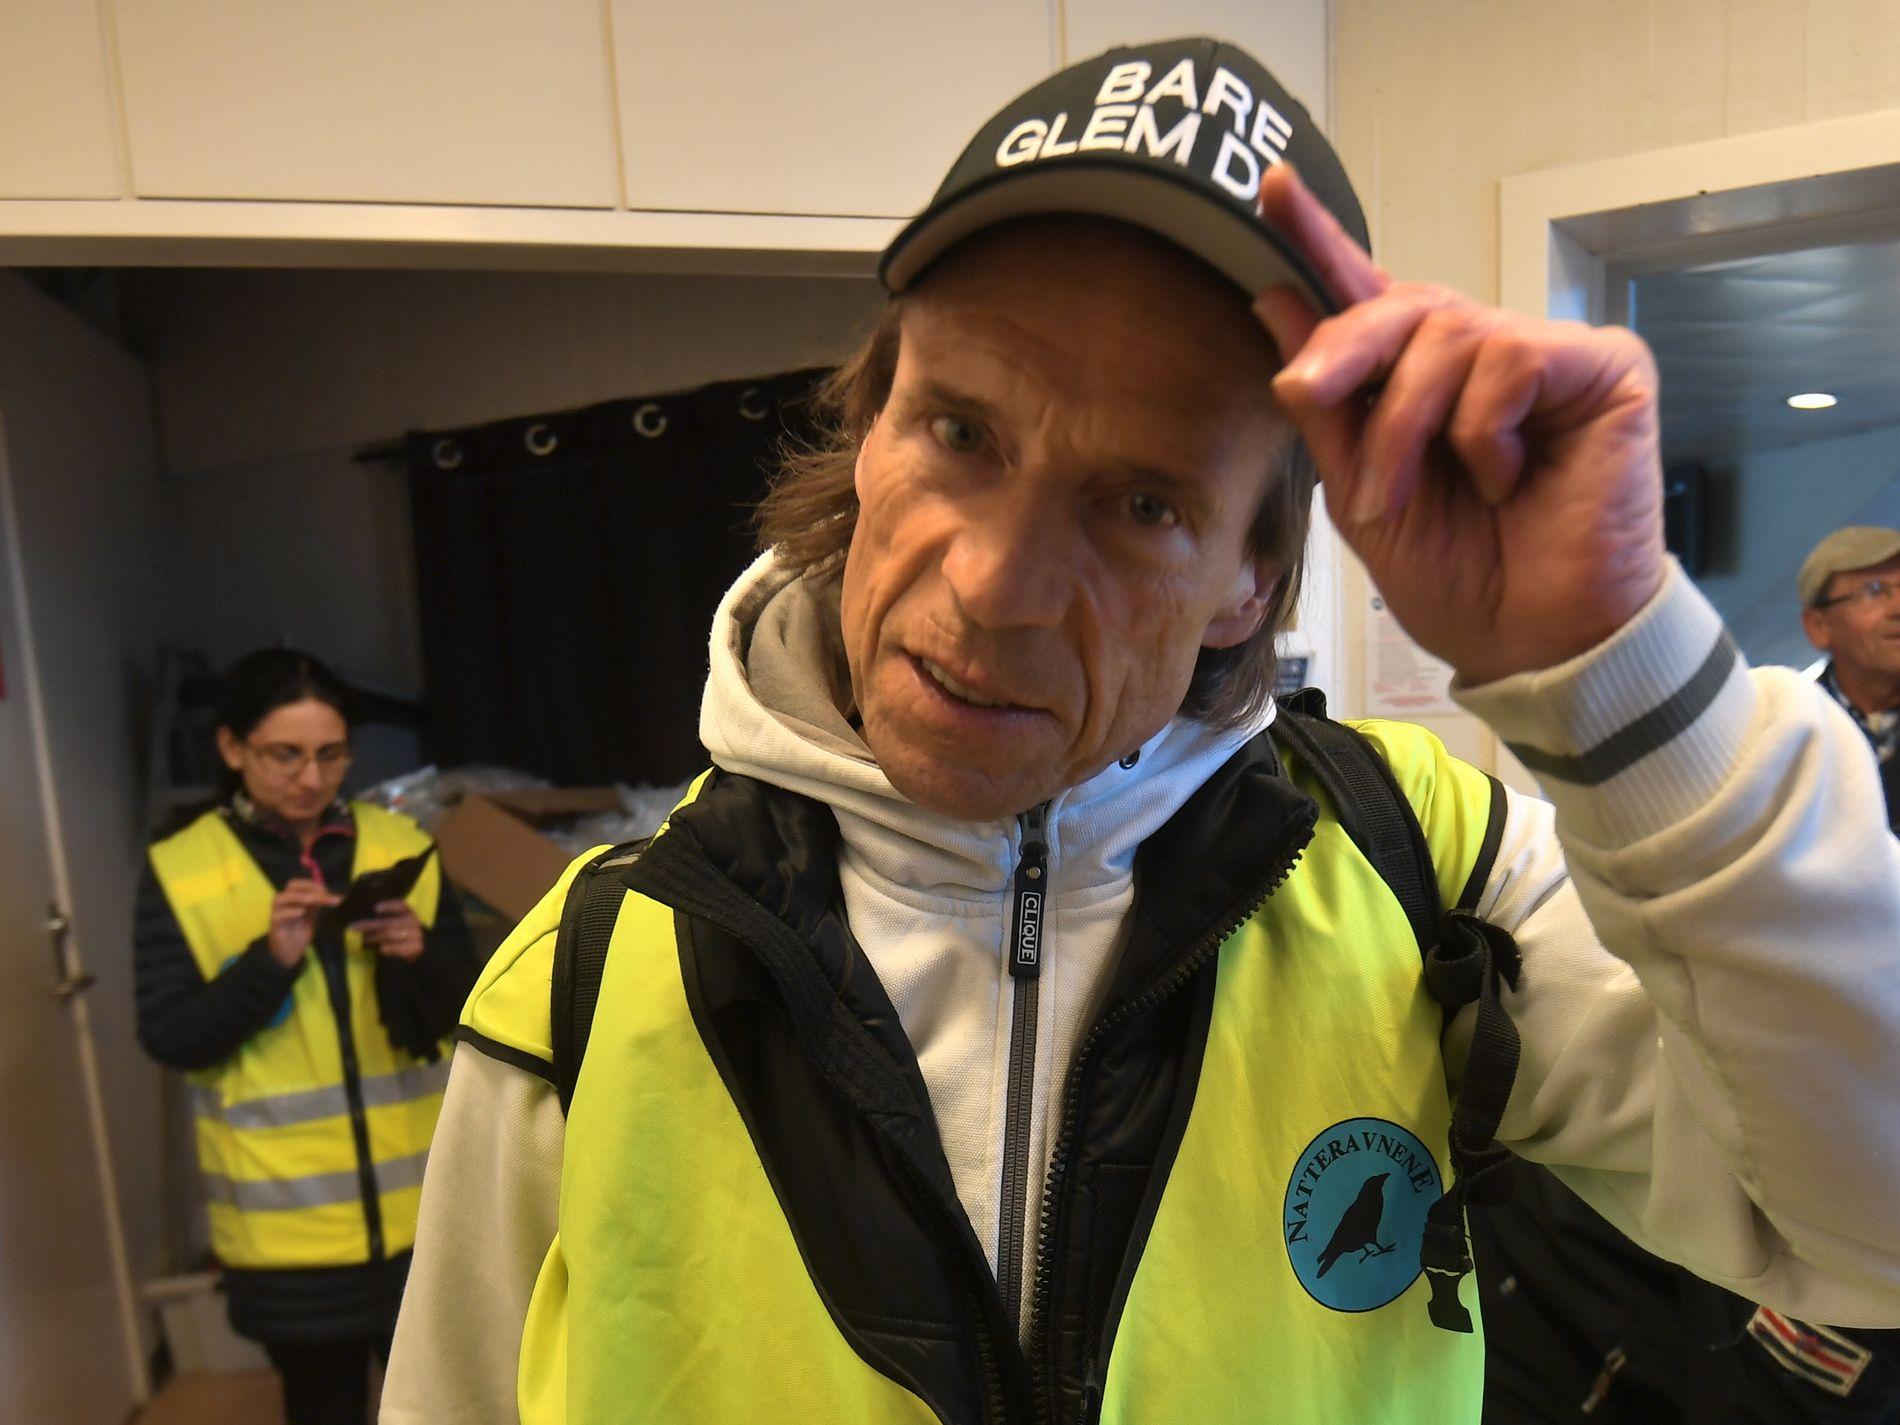 KJENT ANSIKT: Ap-politiker Jan Bøhler er ofte med å gå natteravn på Vestli og Stovner. Han er kjempefornøyd med oppmøtet i dag, forteller han til VG.